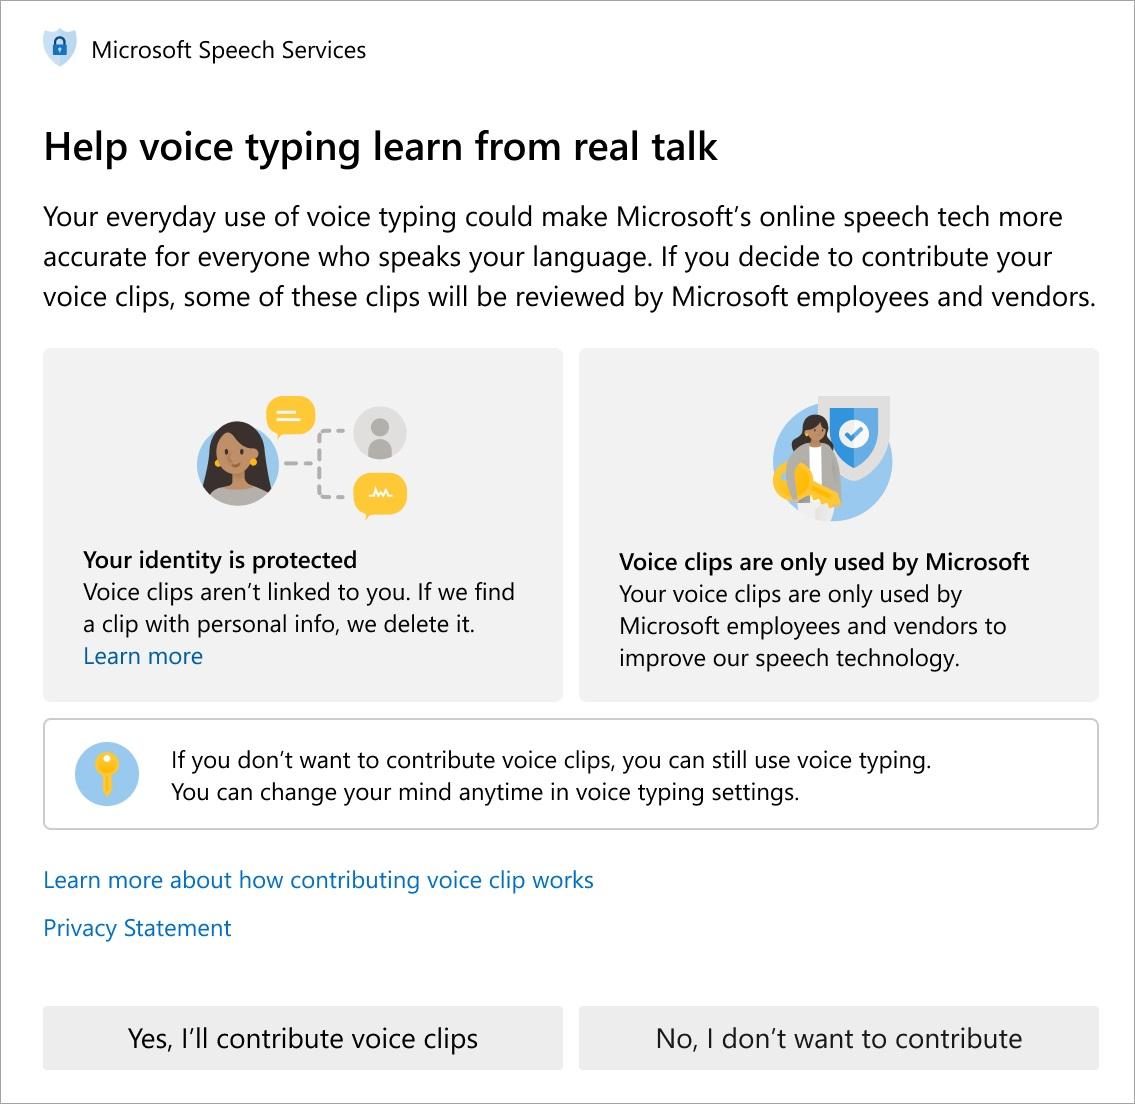 微软更新用户语音片段使用政策,将删除隐私信息帮助开发语音识别